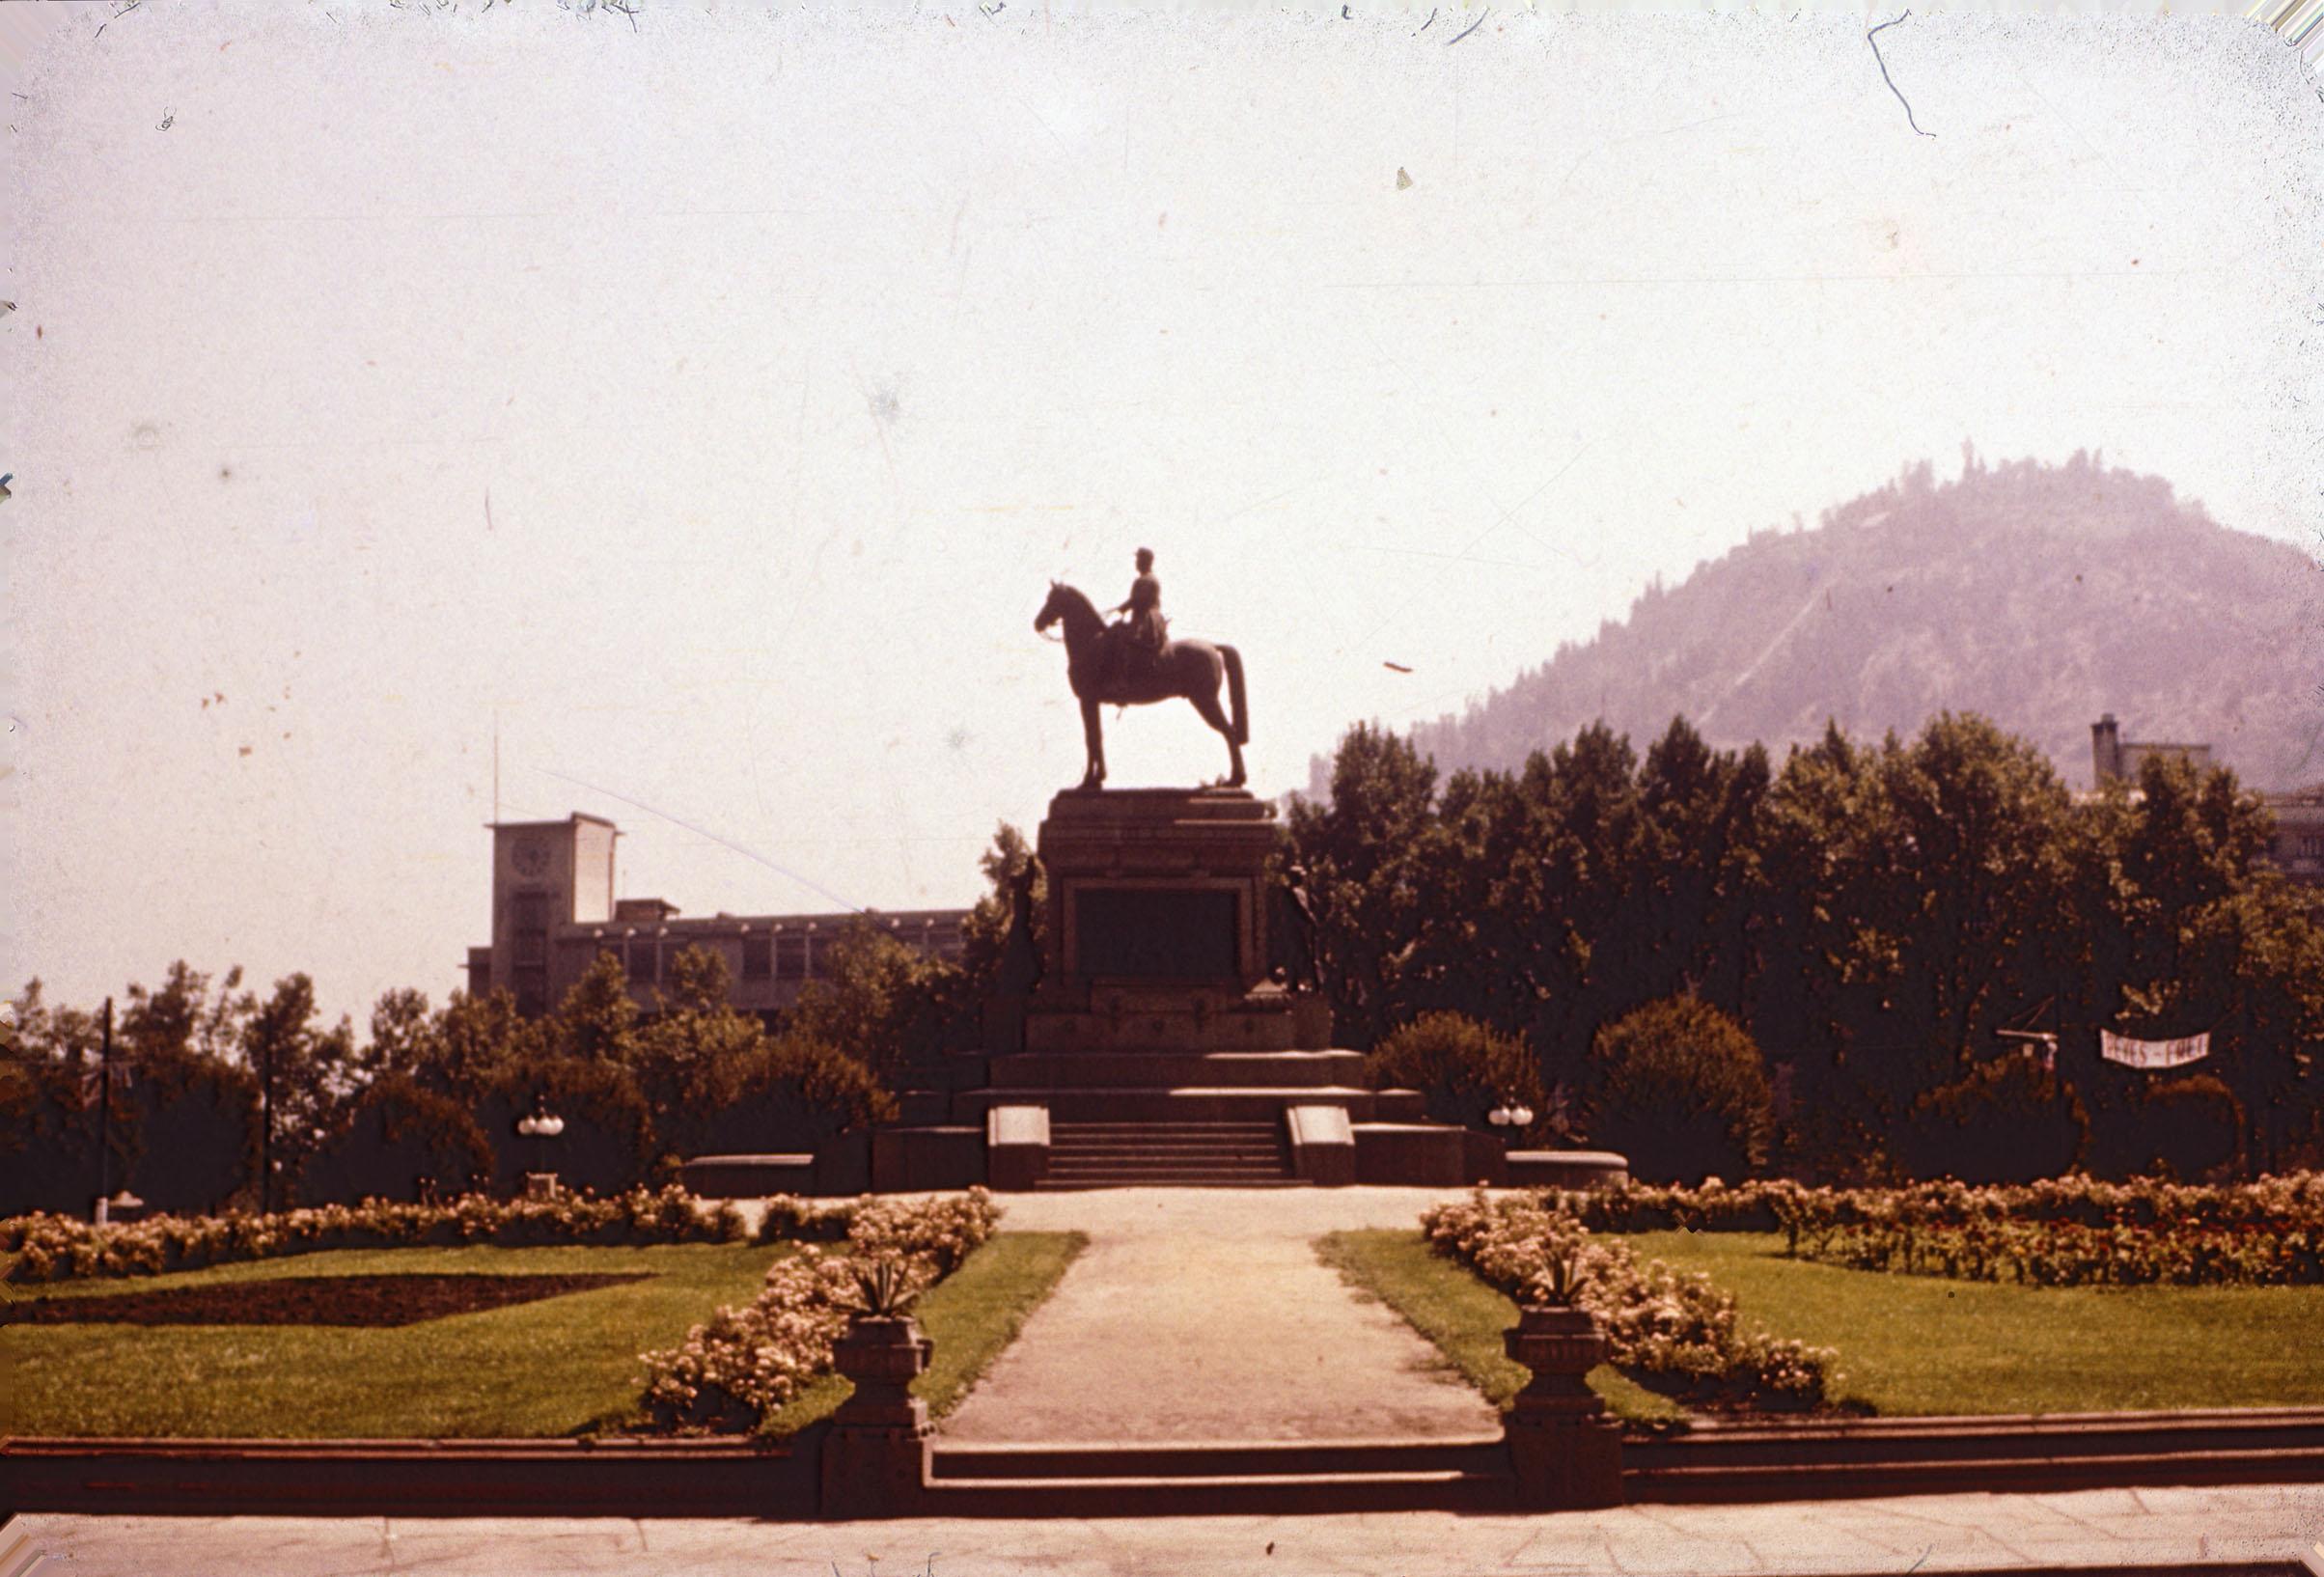 Enterreno - Fotos históricas de chile - fotos antiguas de Chile - Plaza Baquedano en los 60s.